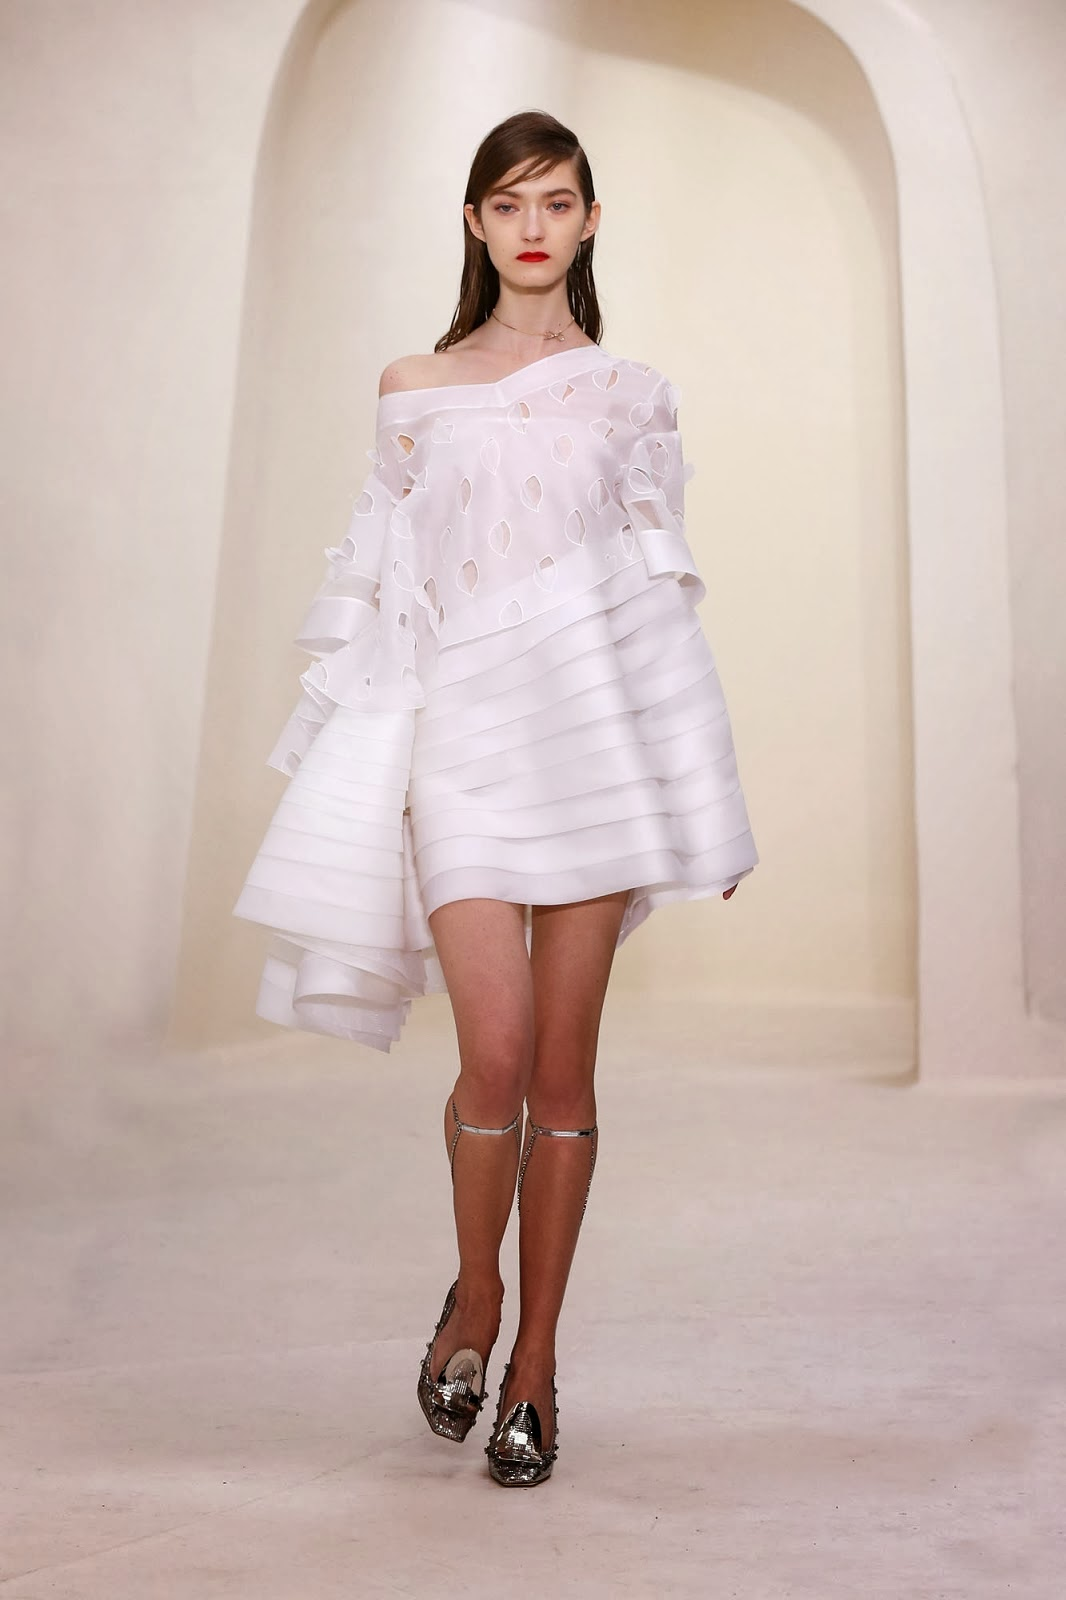 Dior Kleid Kleider 2014 Dior Frühjahr Sommerkleid ...